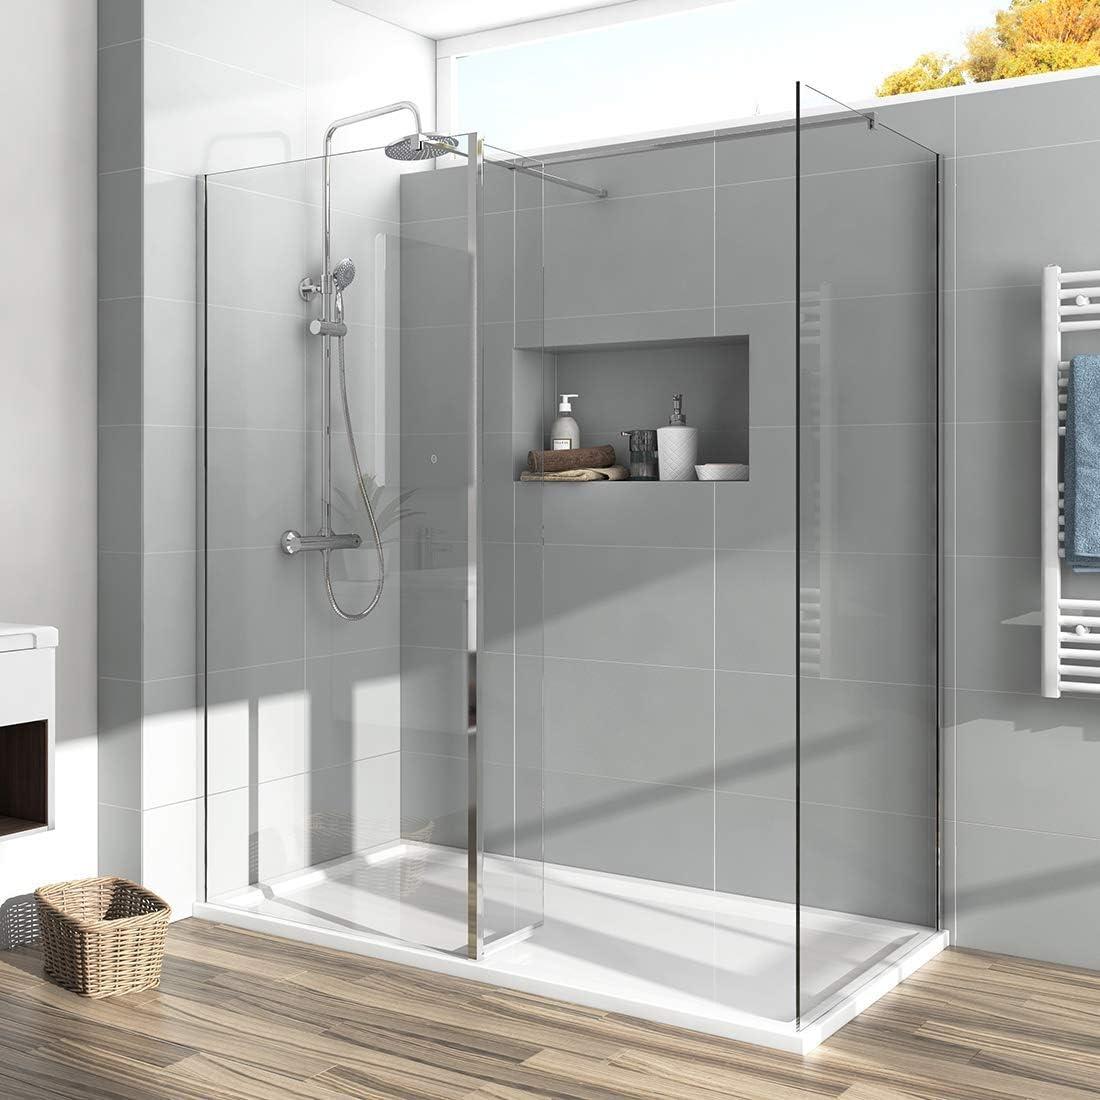 Mampara de ducha de 700 x 1200 mm con panel de 300 mm y bandeja de ducha de piedra de 8 mm, fácil de limpiar: Amazon.es: Bricolaje y herramientas